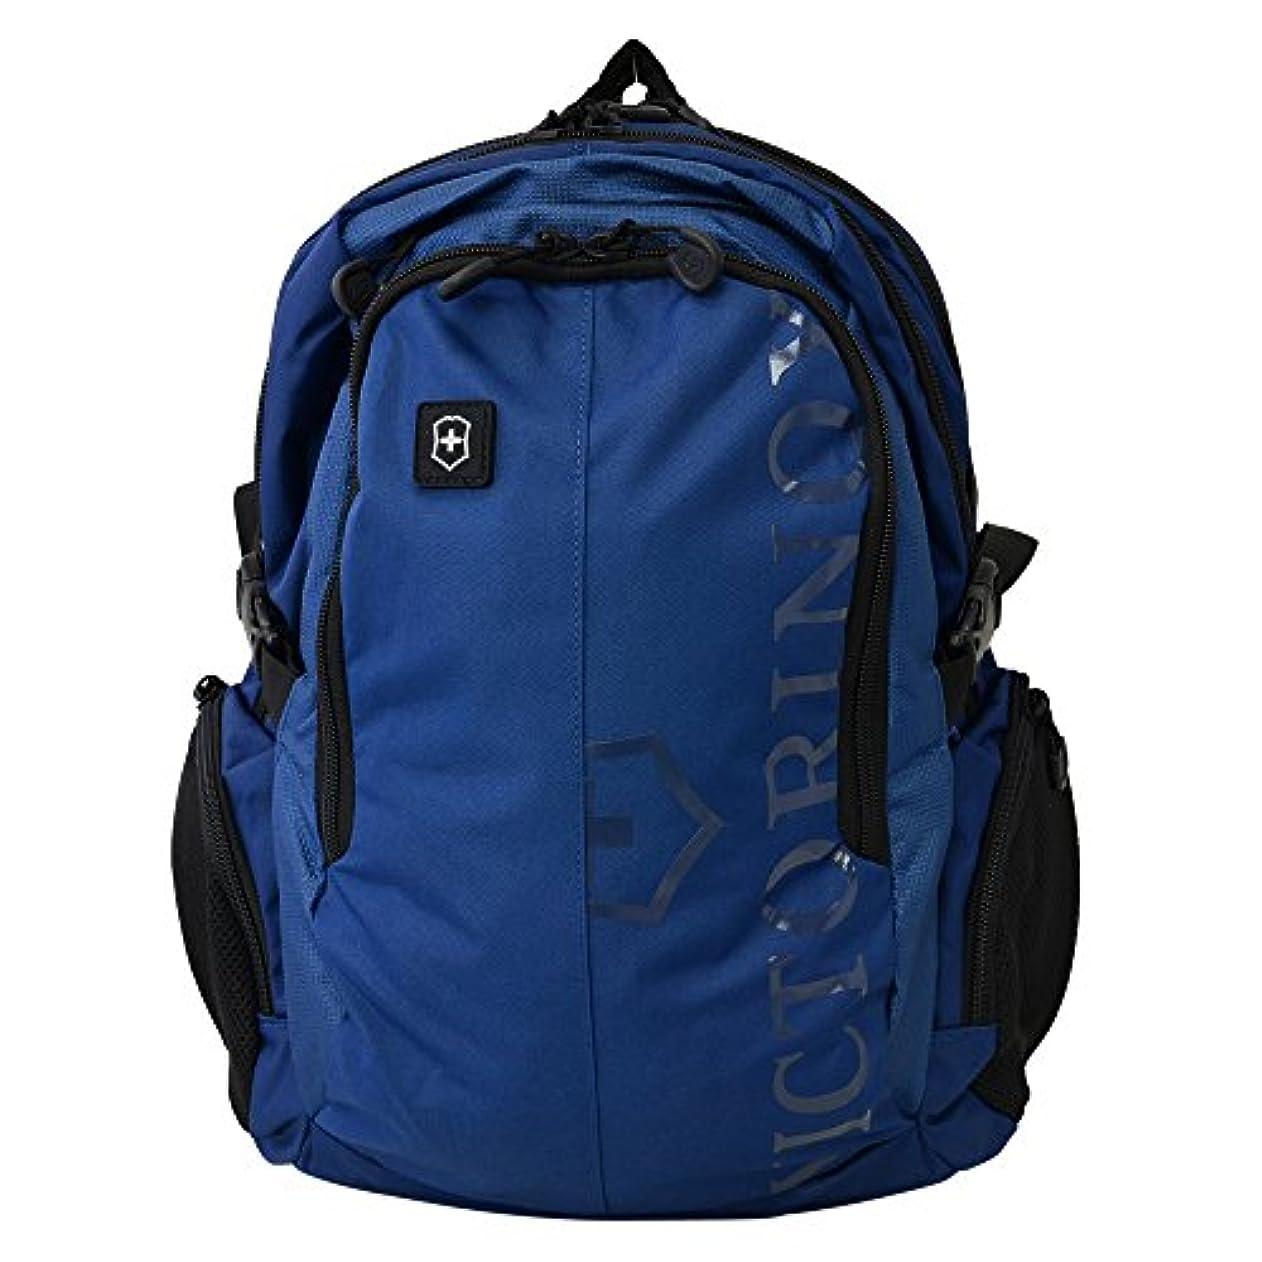 最適イソギンチャク狐[ビクトリノックス] Victorinox ビクトリノックス バッグ 31105209 リュックサック バックパック Vx Sport Pilot Blue ブルー メンズ [並行輸入品]